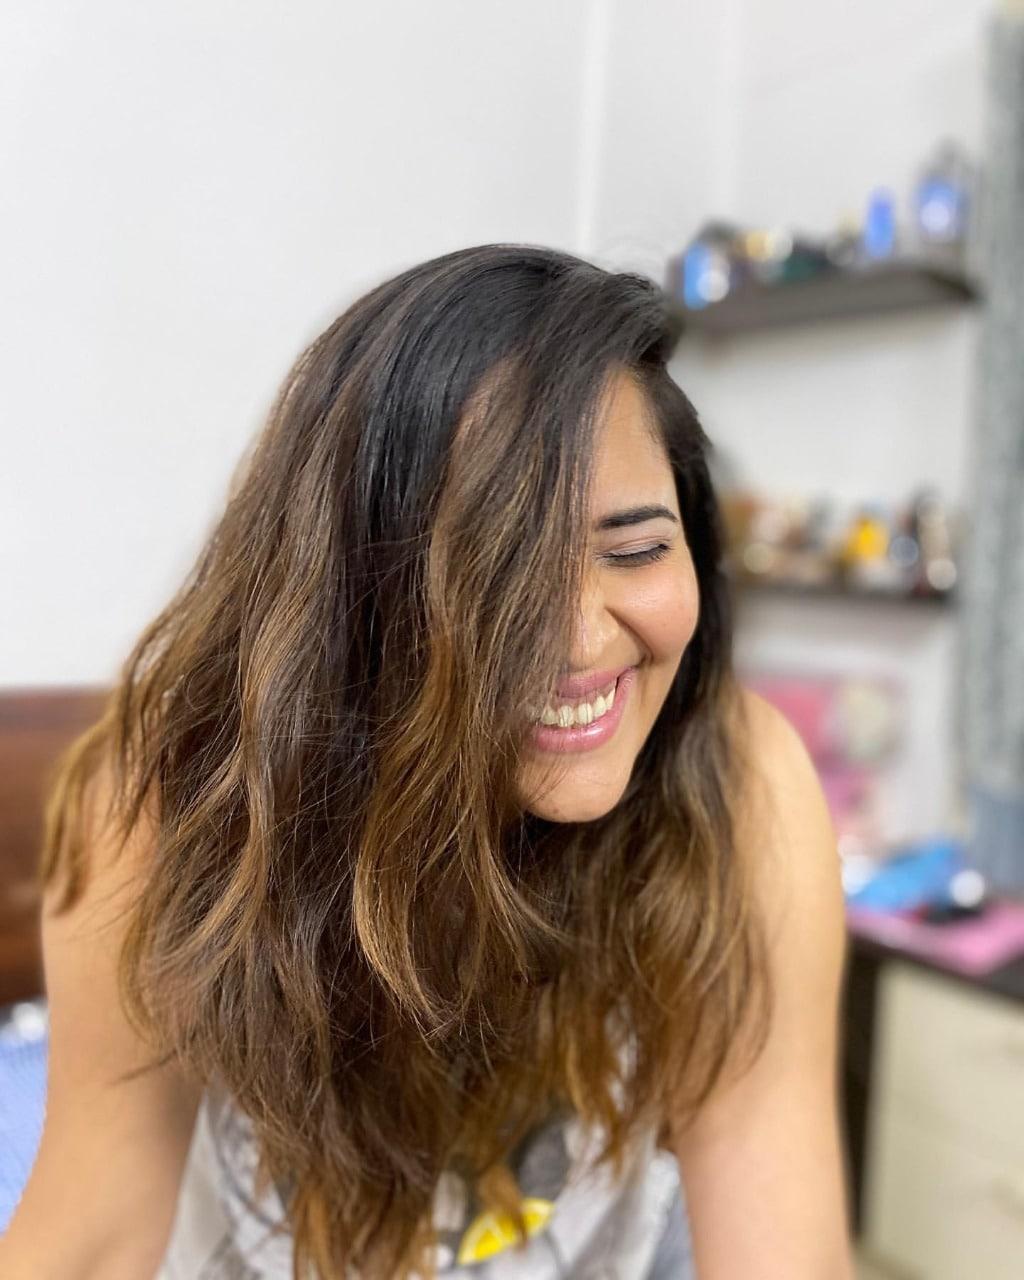 అనసూయ భరద్వాజ్ లేటెస్ట్ ఫోటోస్ (Instagram/Photo)